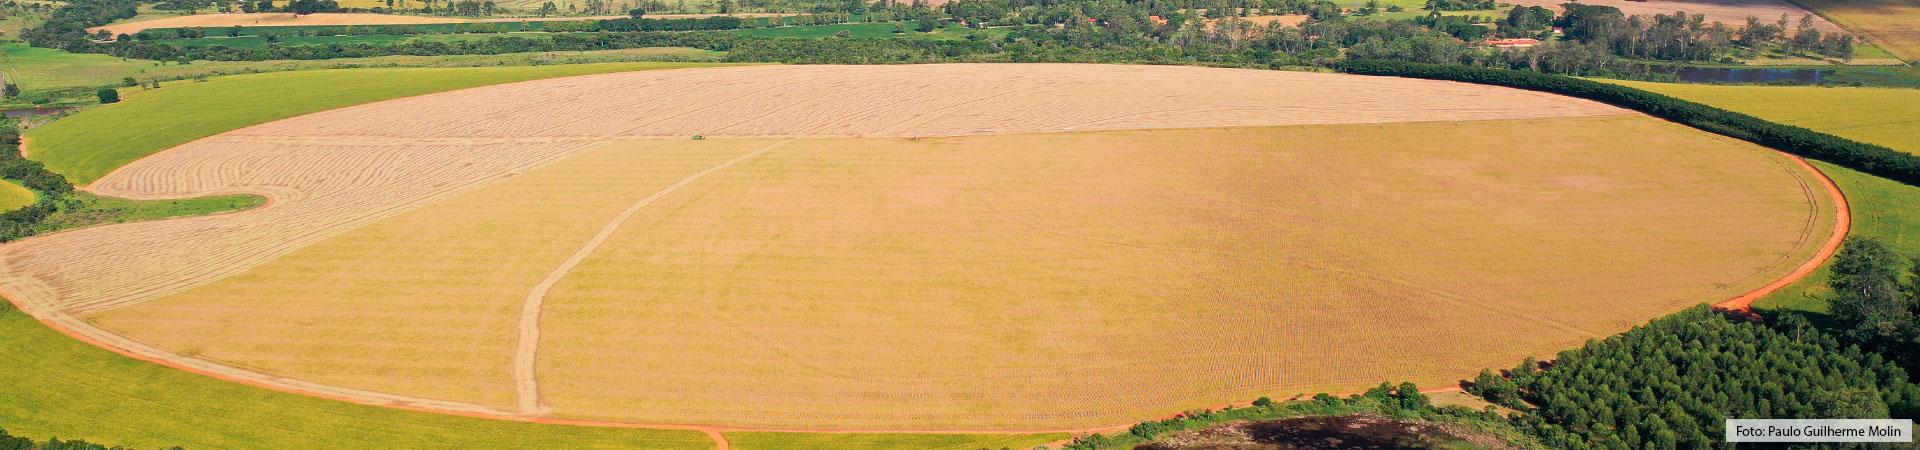 Pivô central da FELS durante a colheita de trigo